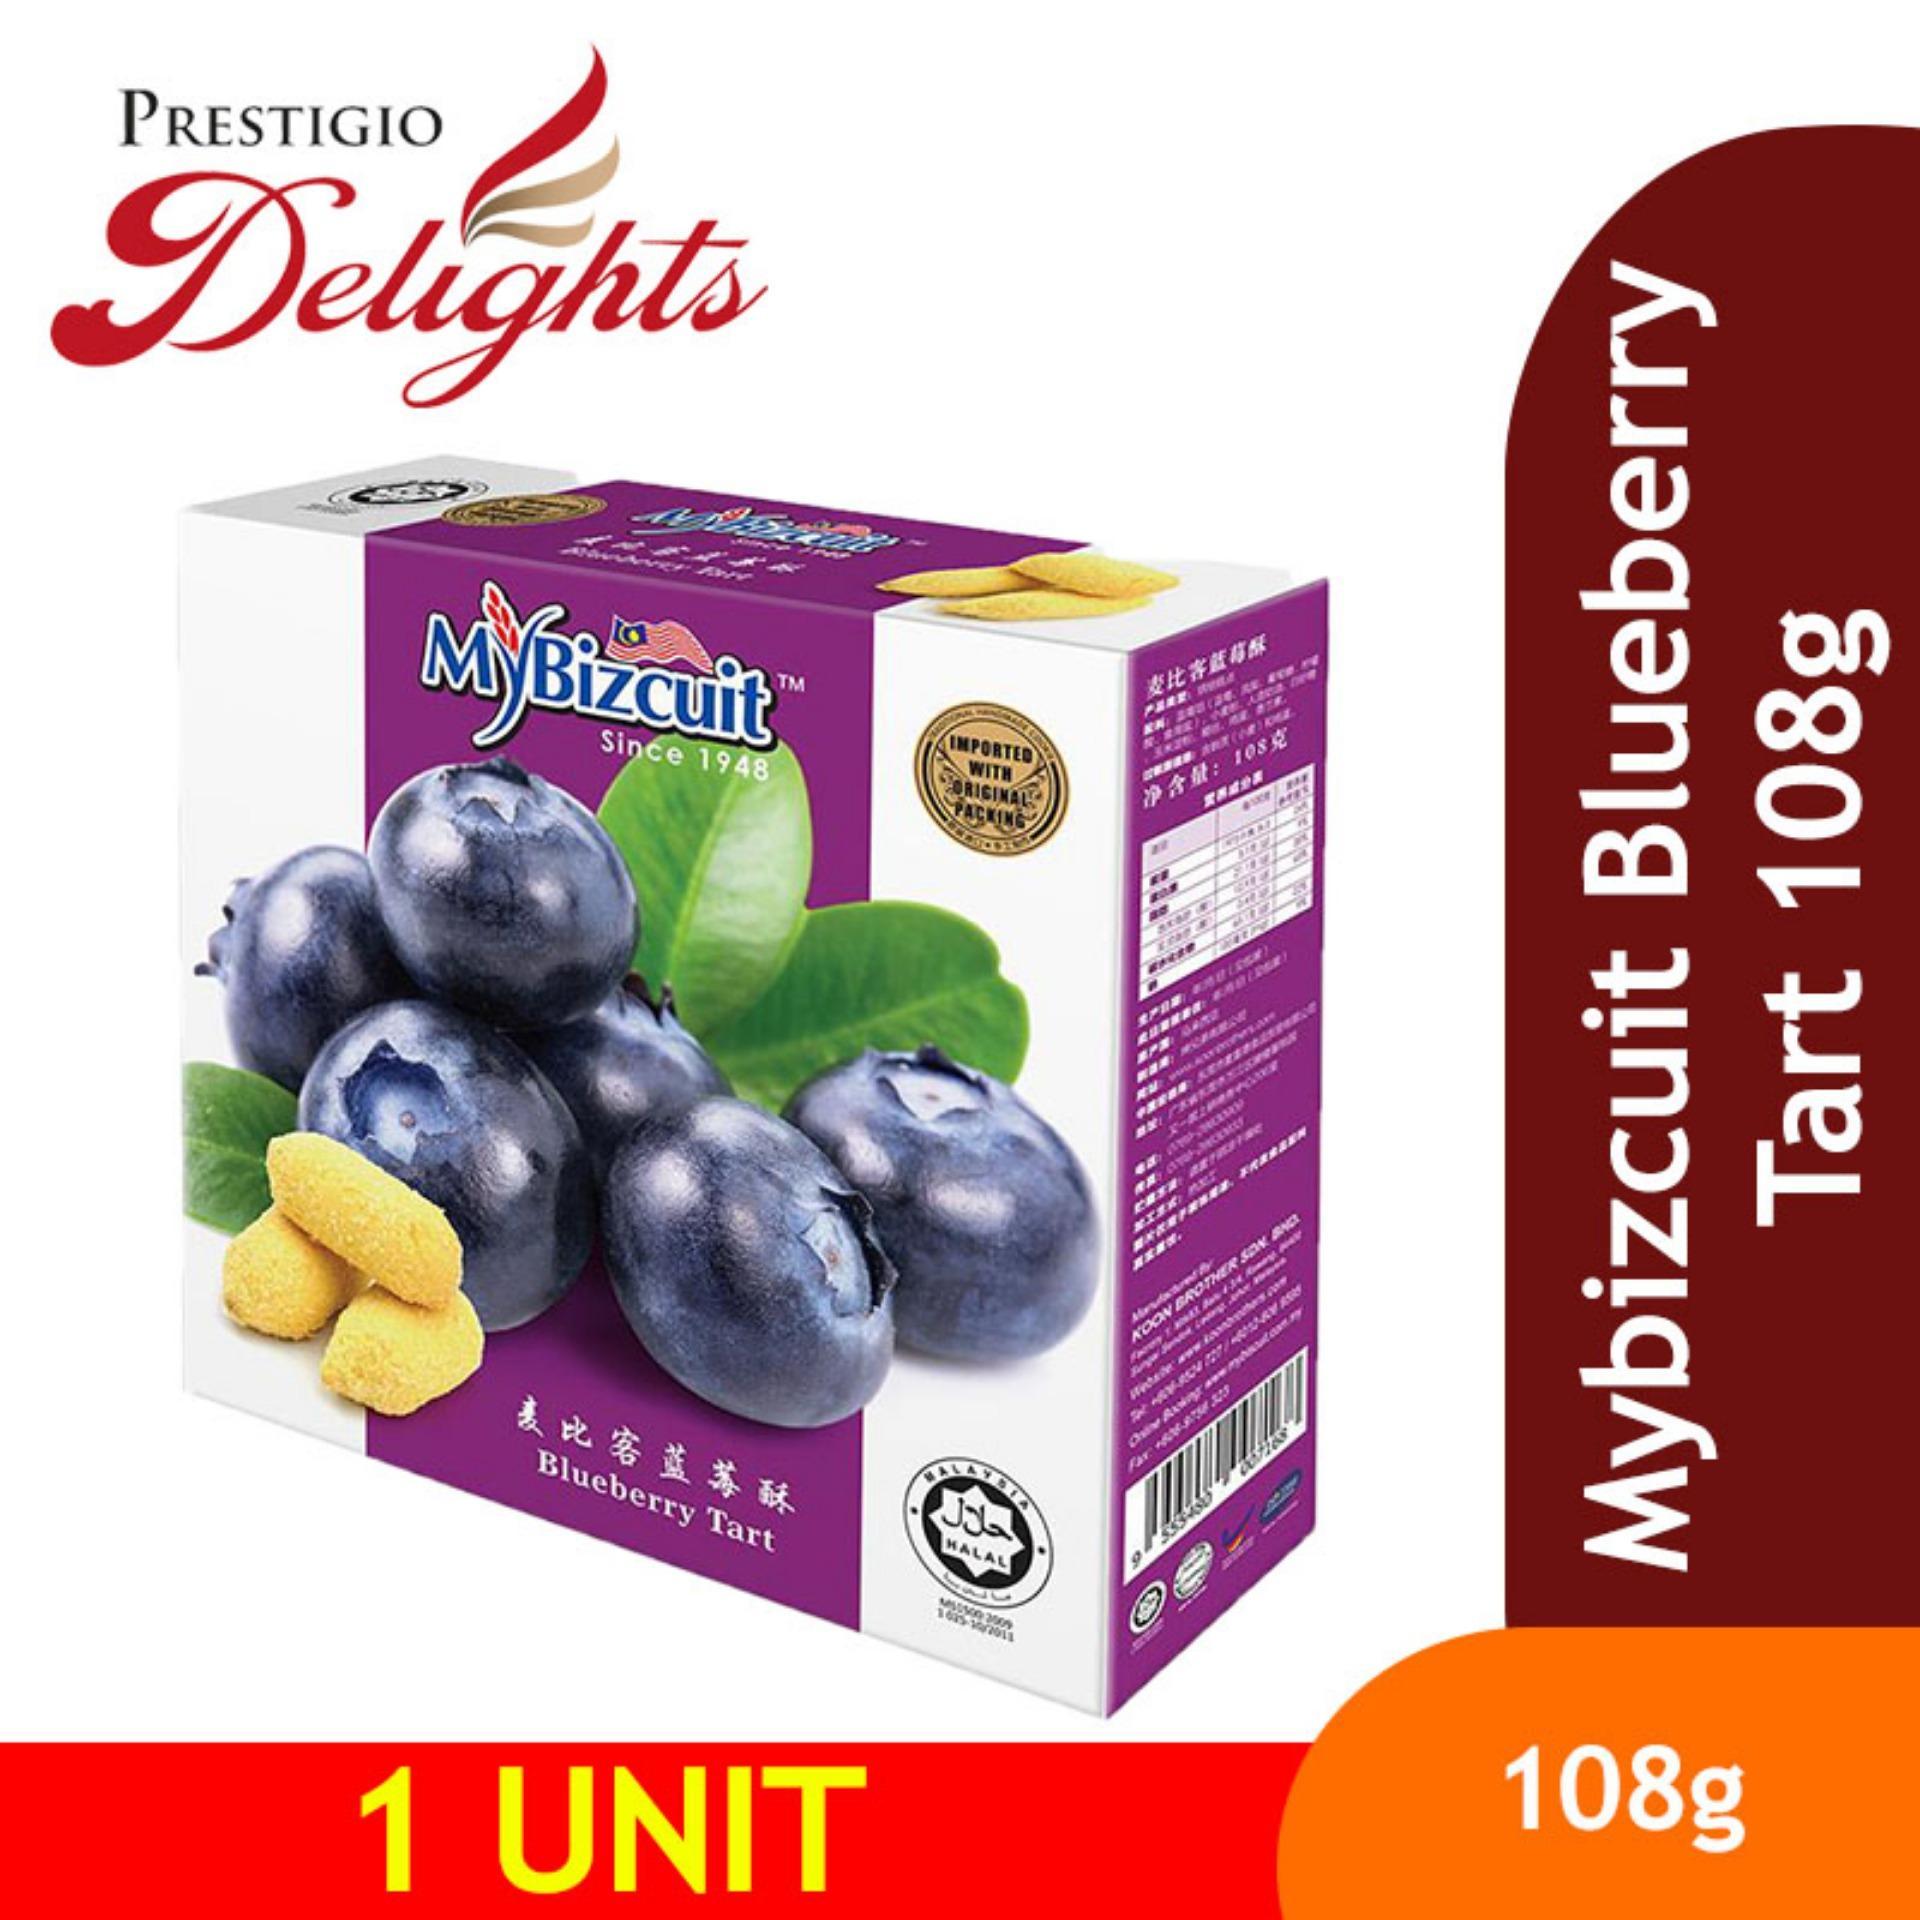 Mybizcuit Blueberry Tart 108g By Prestigio Delights.